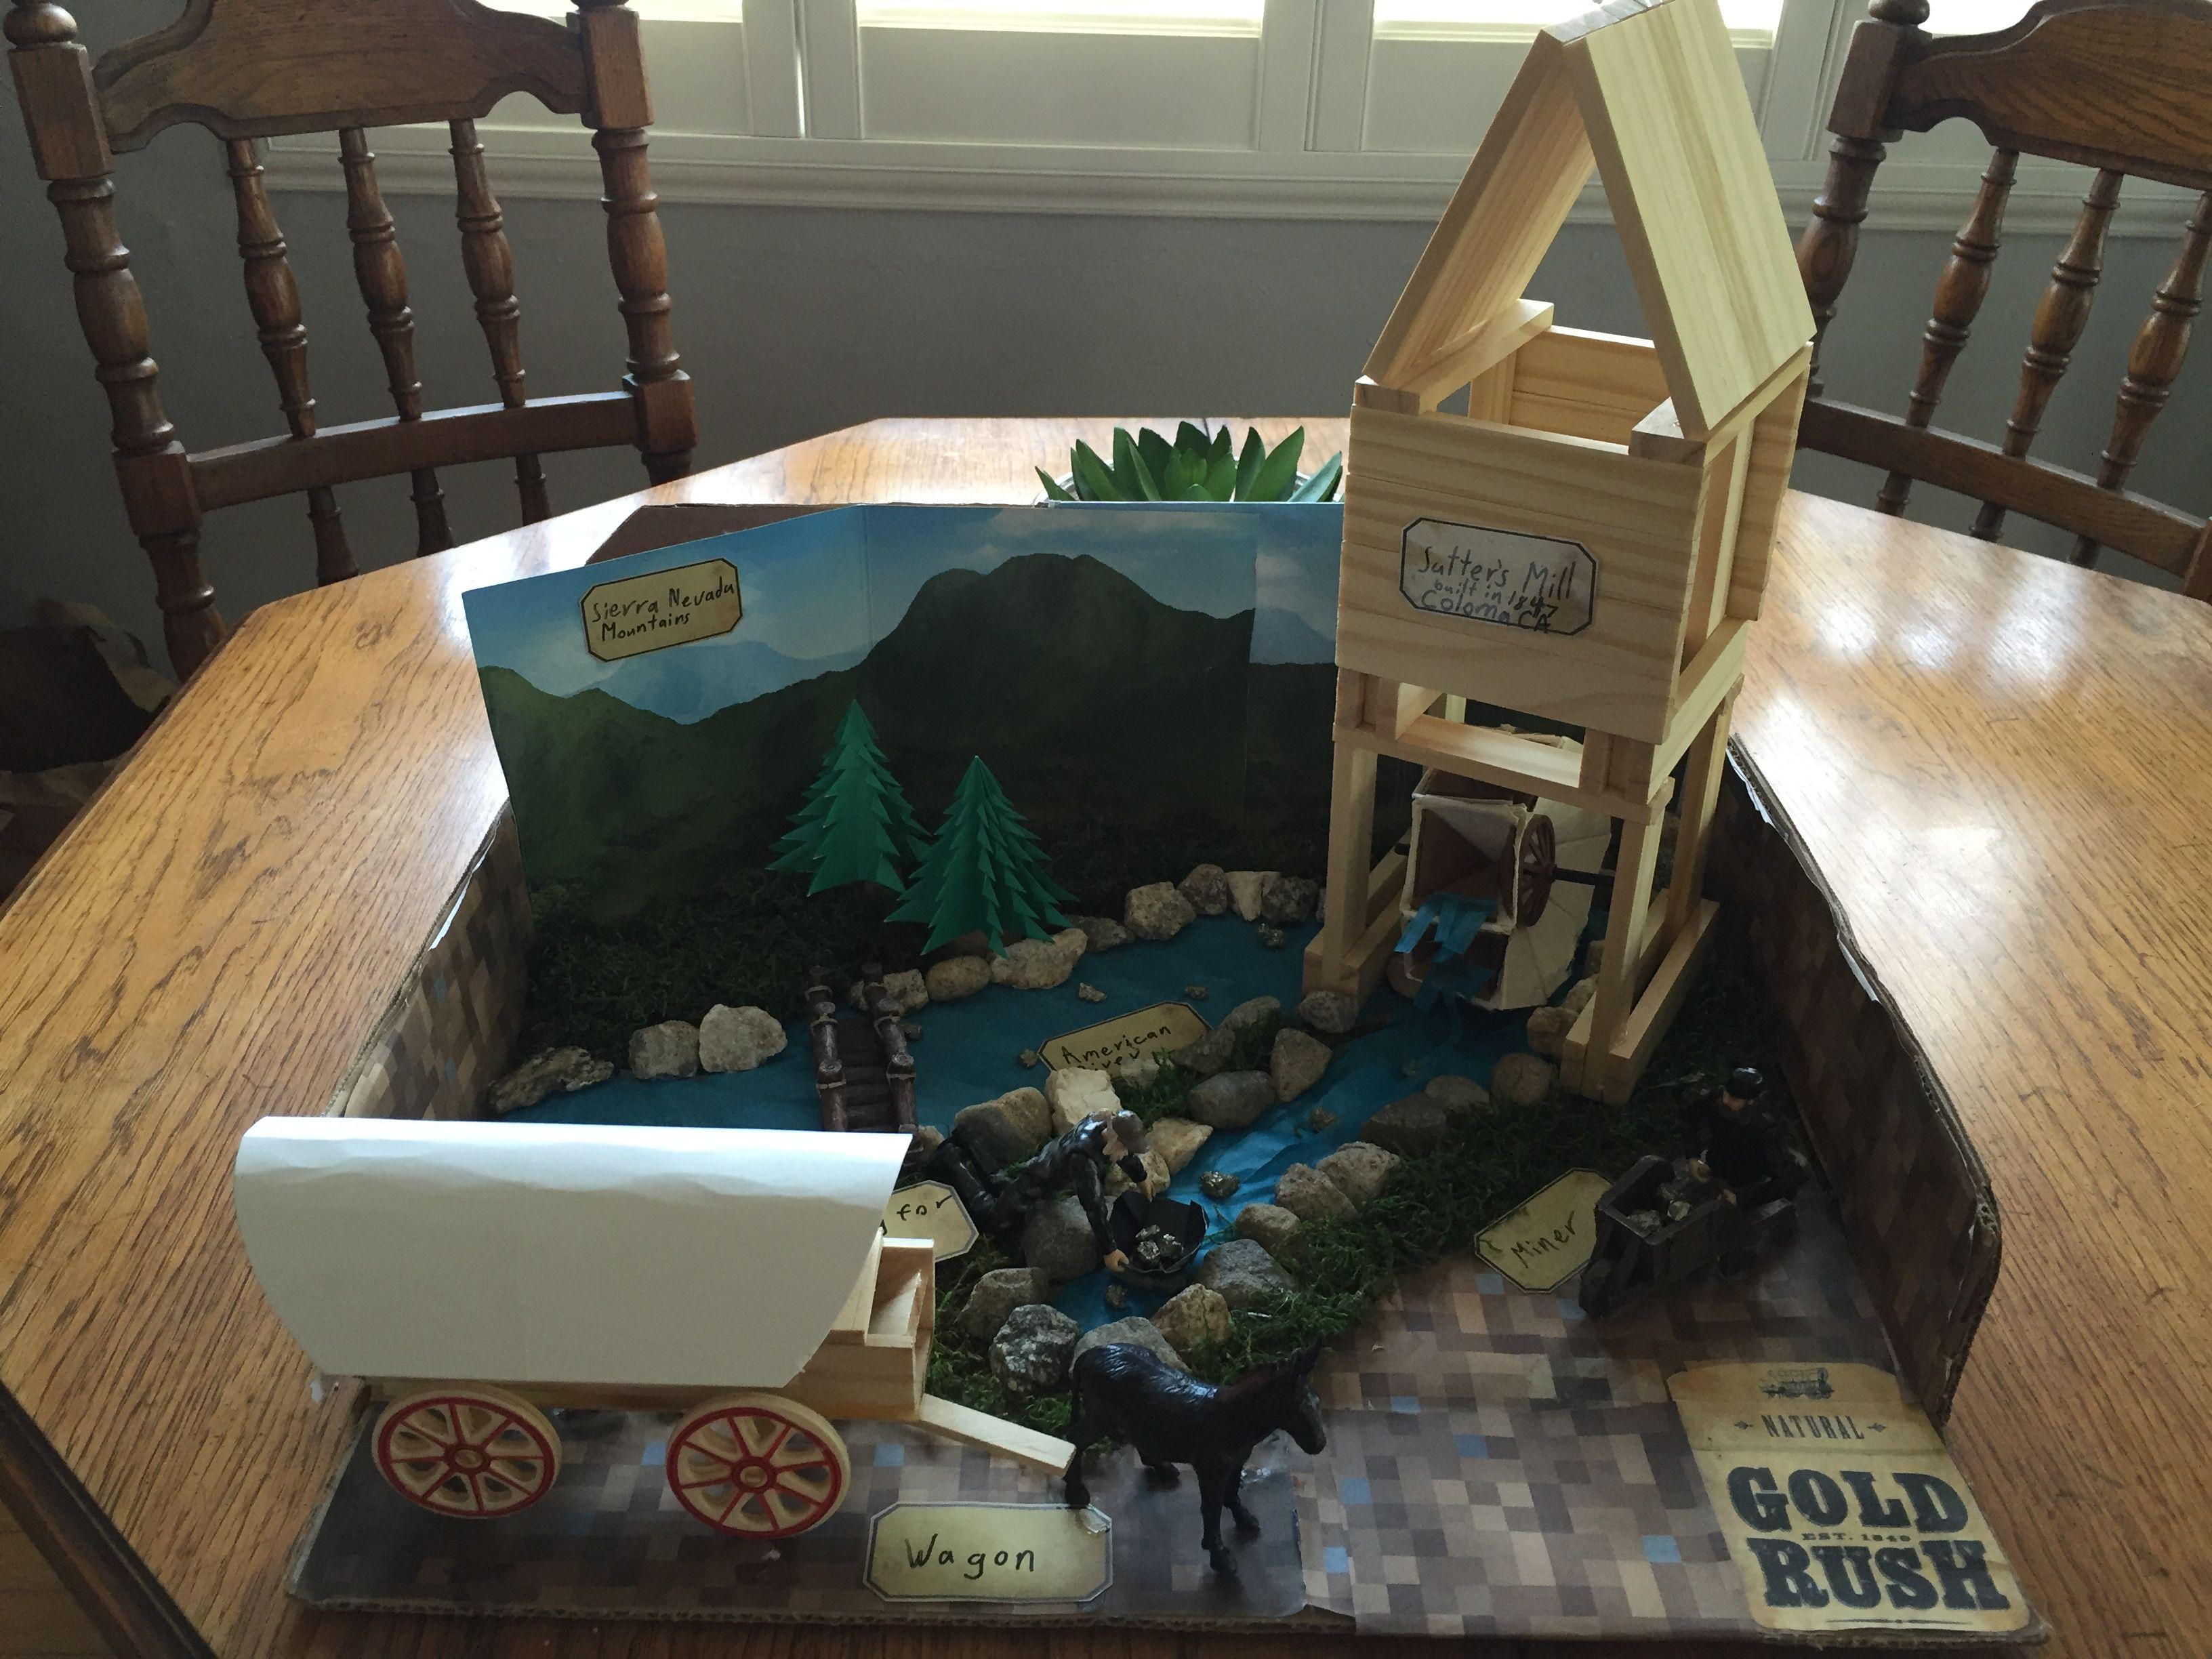 Ca Gold Rush Diorama 4th Grade